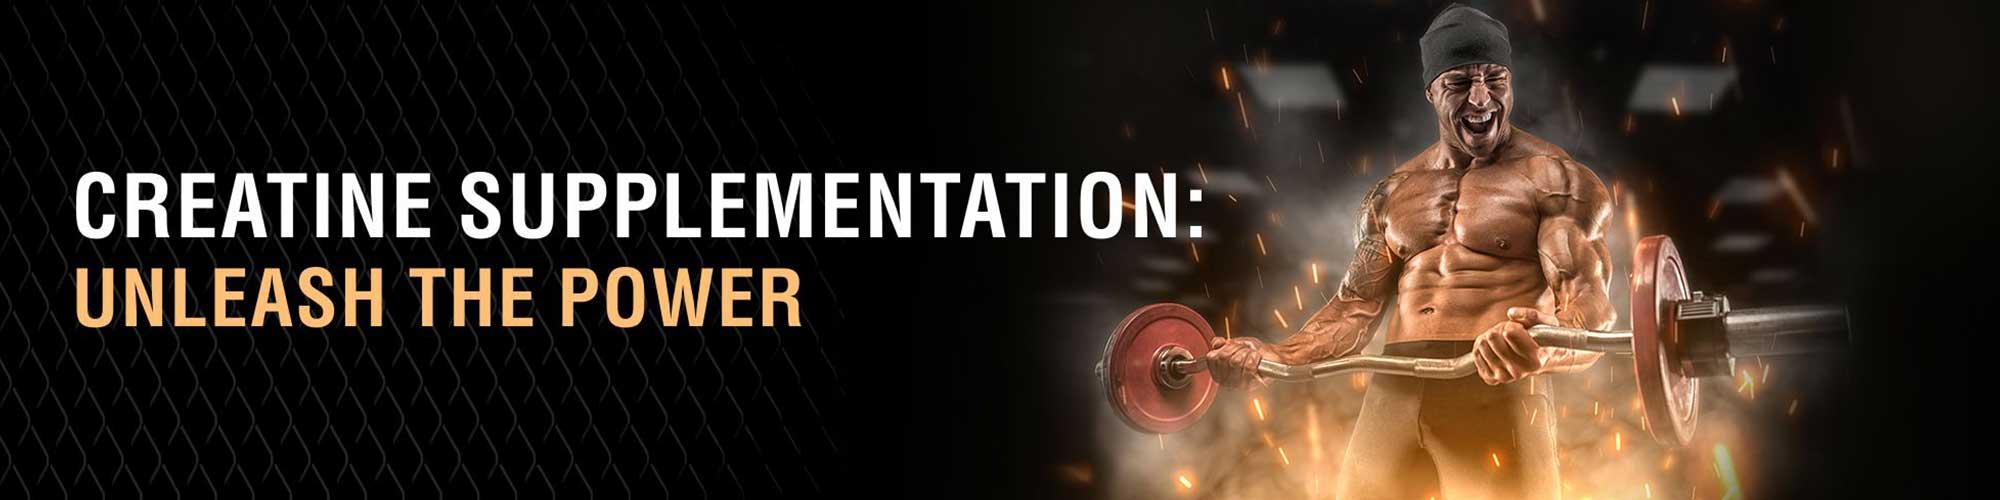 creatine-supplementation-banner